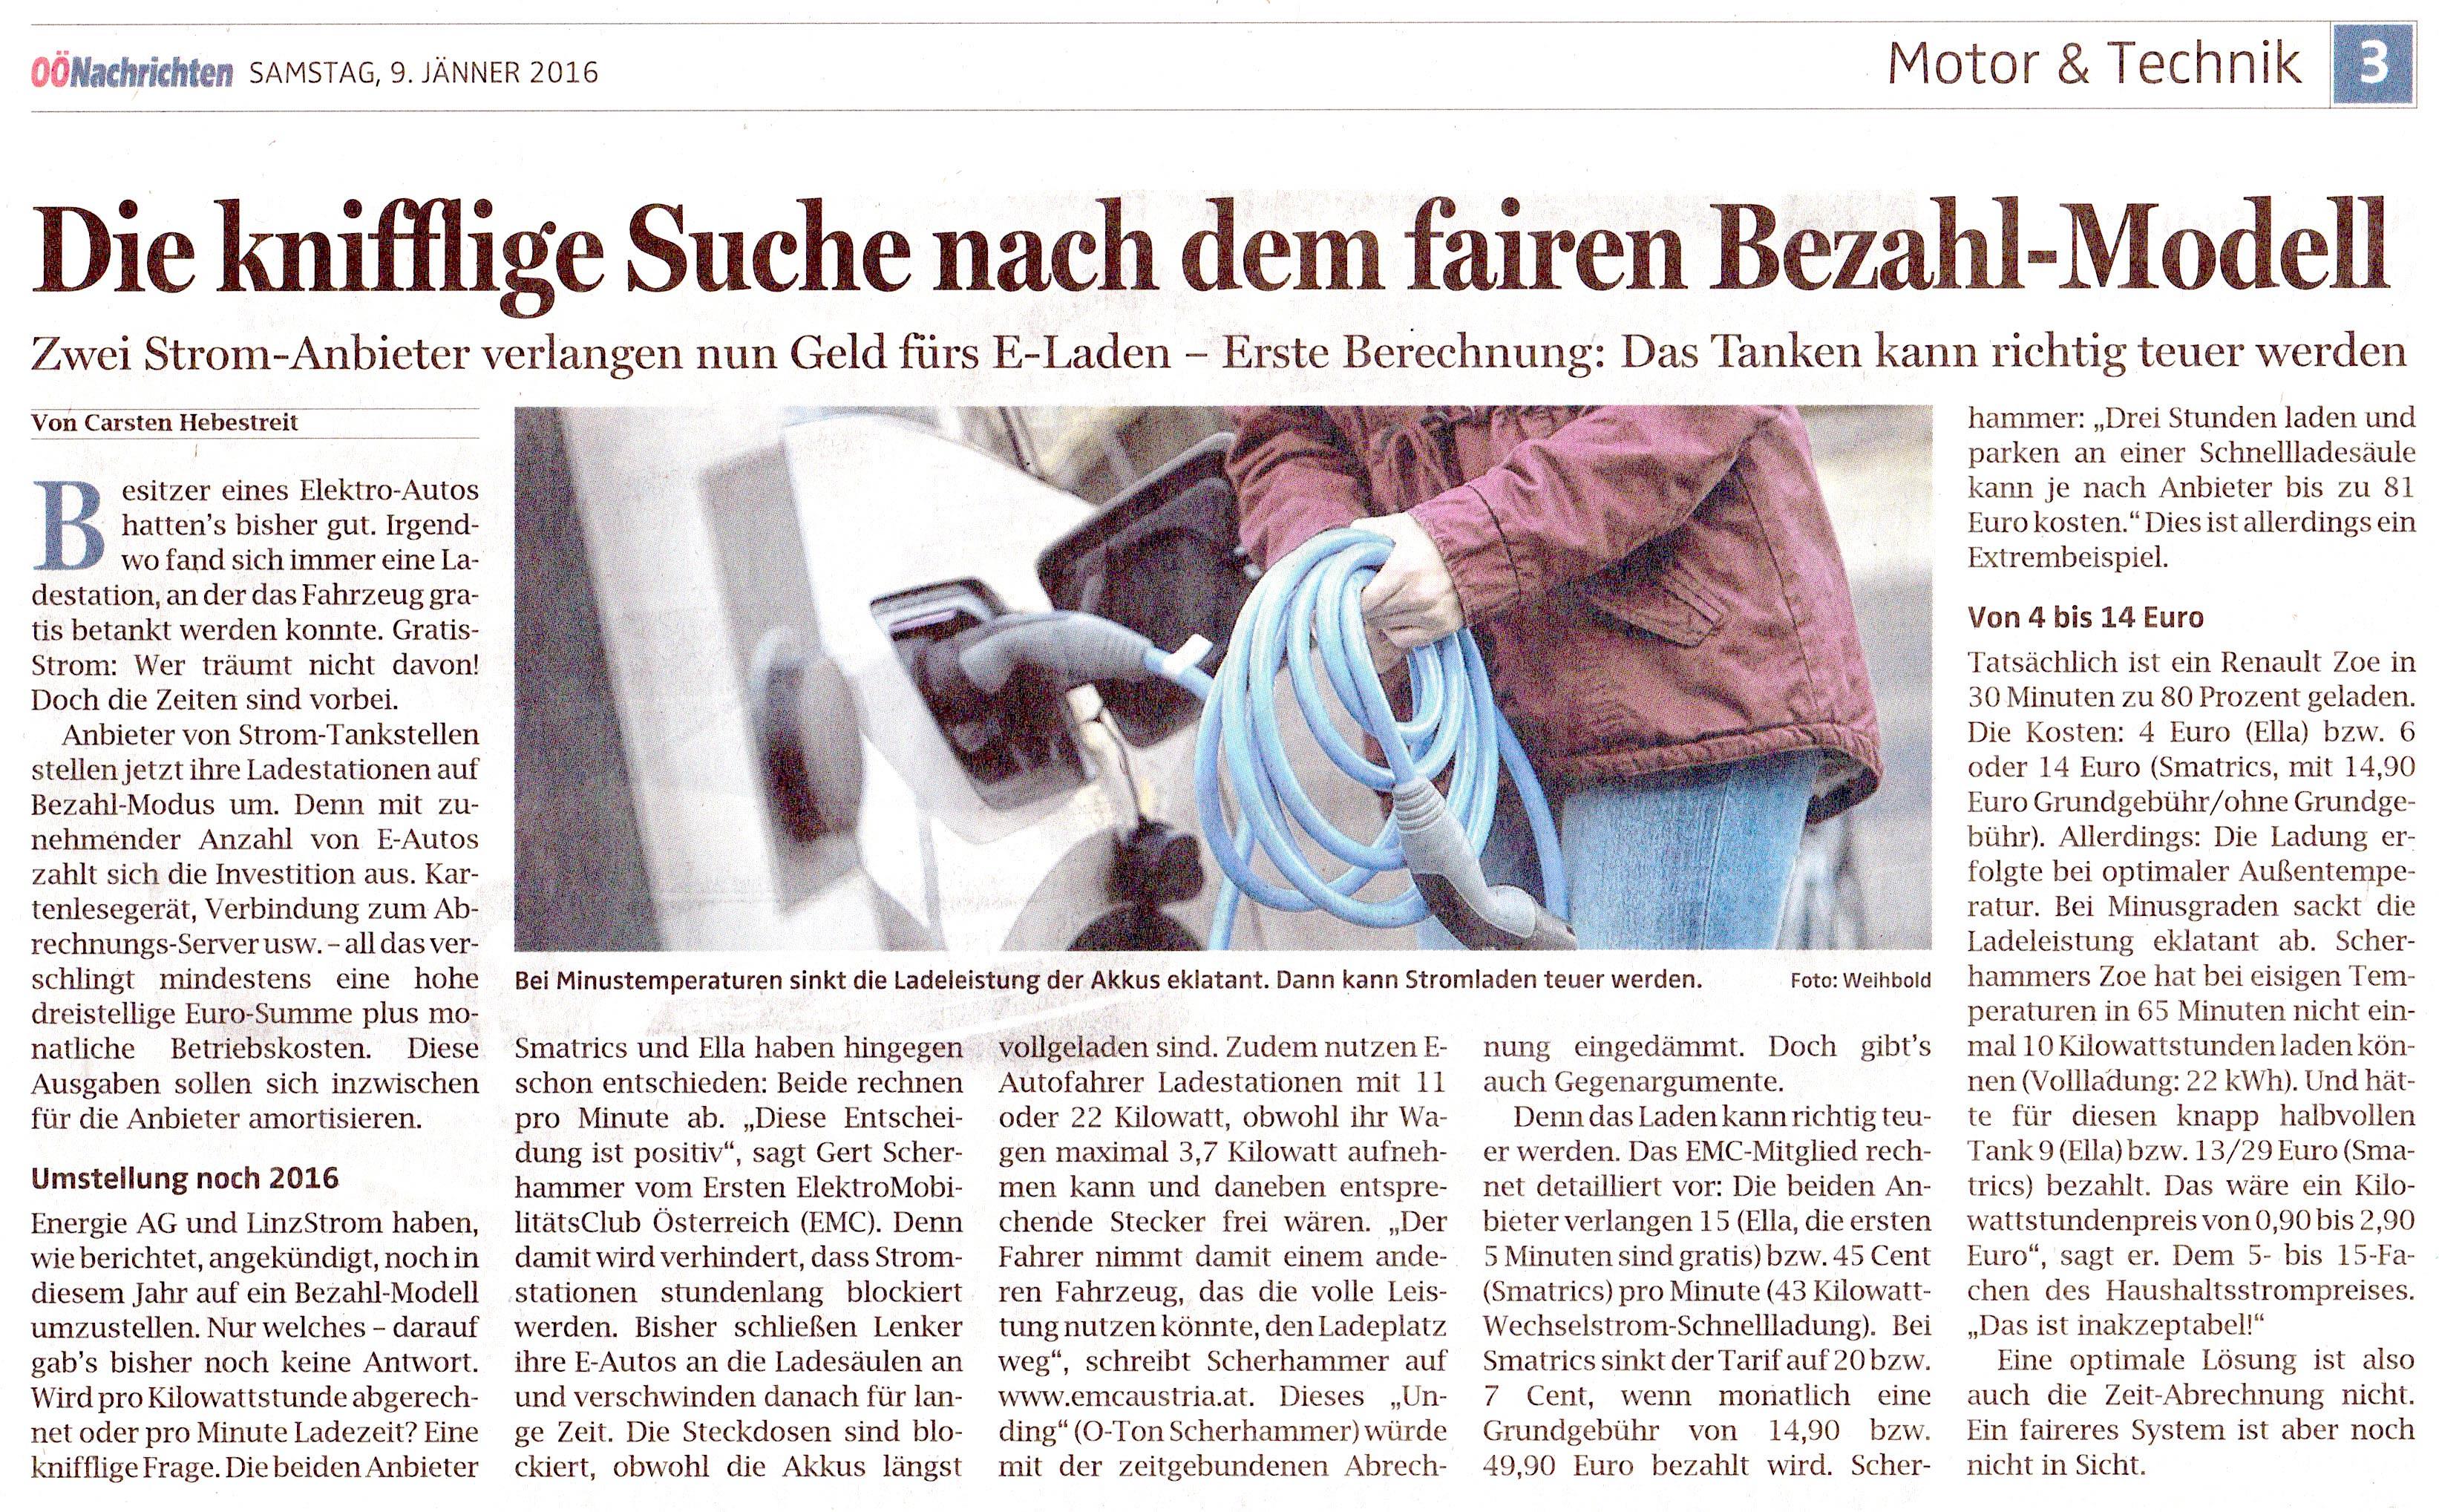 Oberösterreichische Nachrichten – 9. Jänner 2016